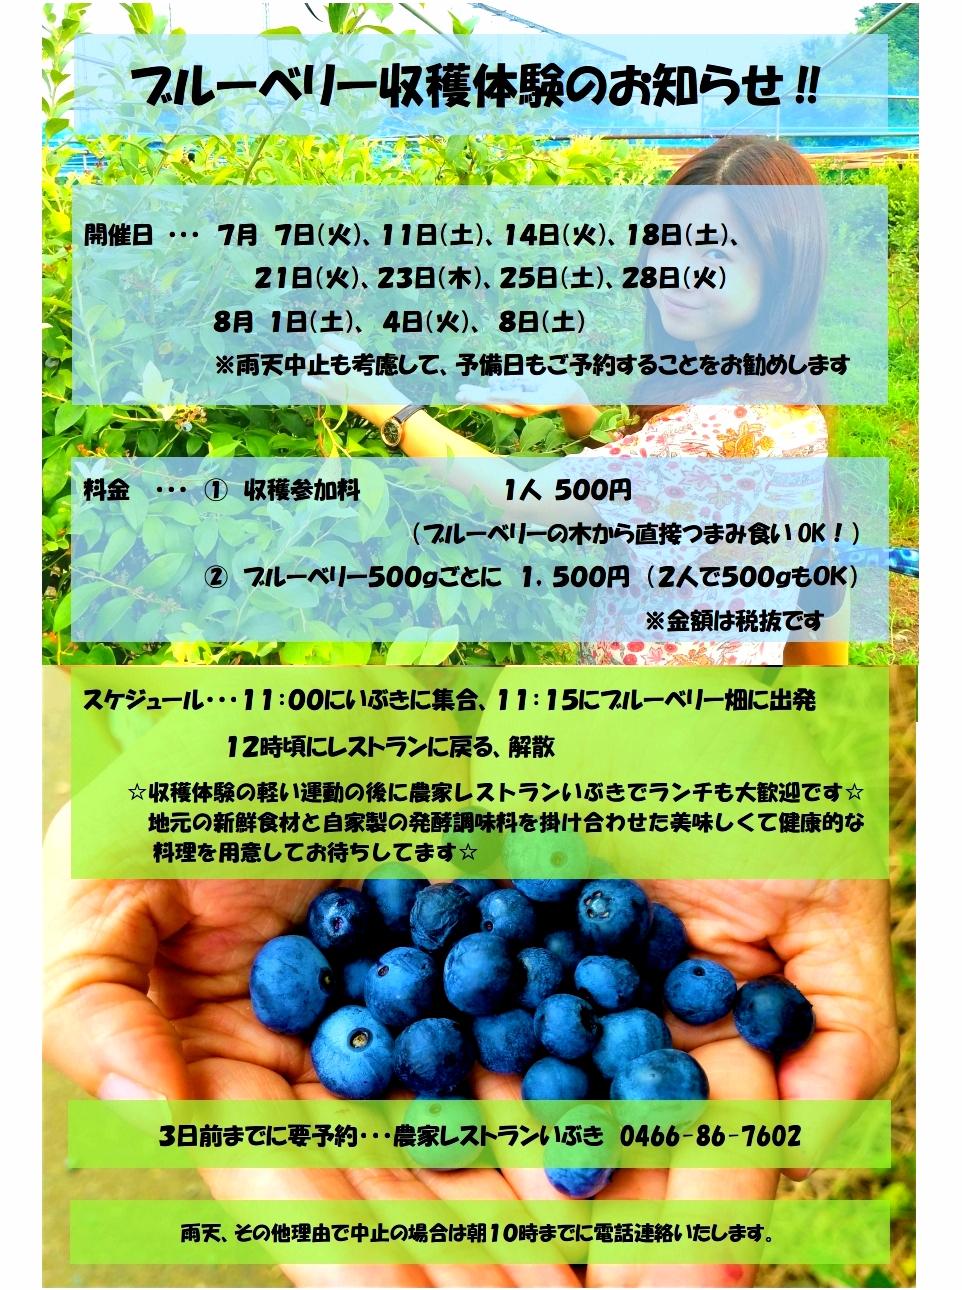 ブルーベリー3.jpg